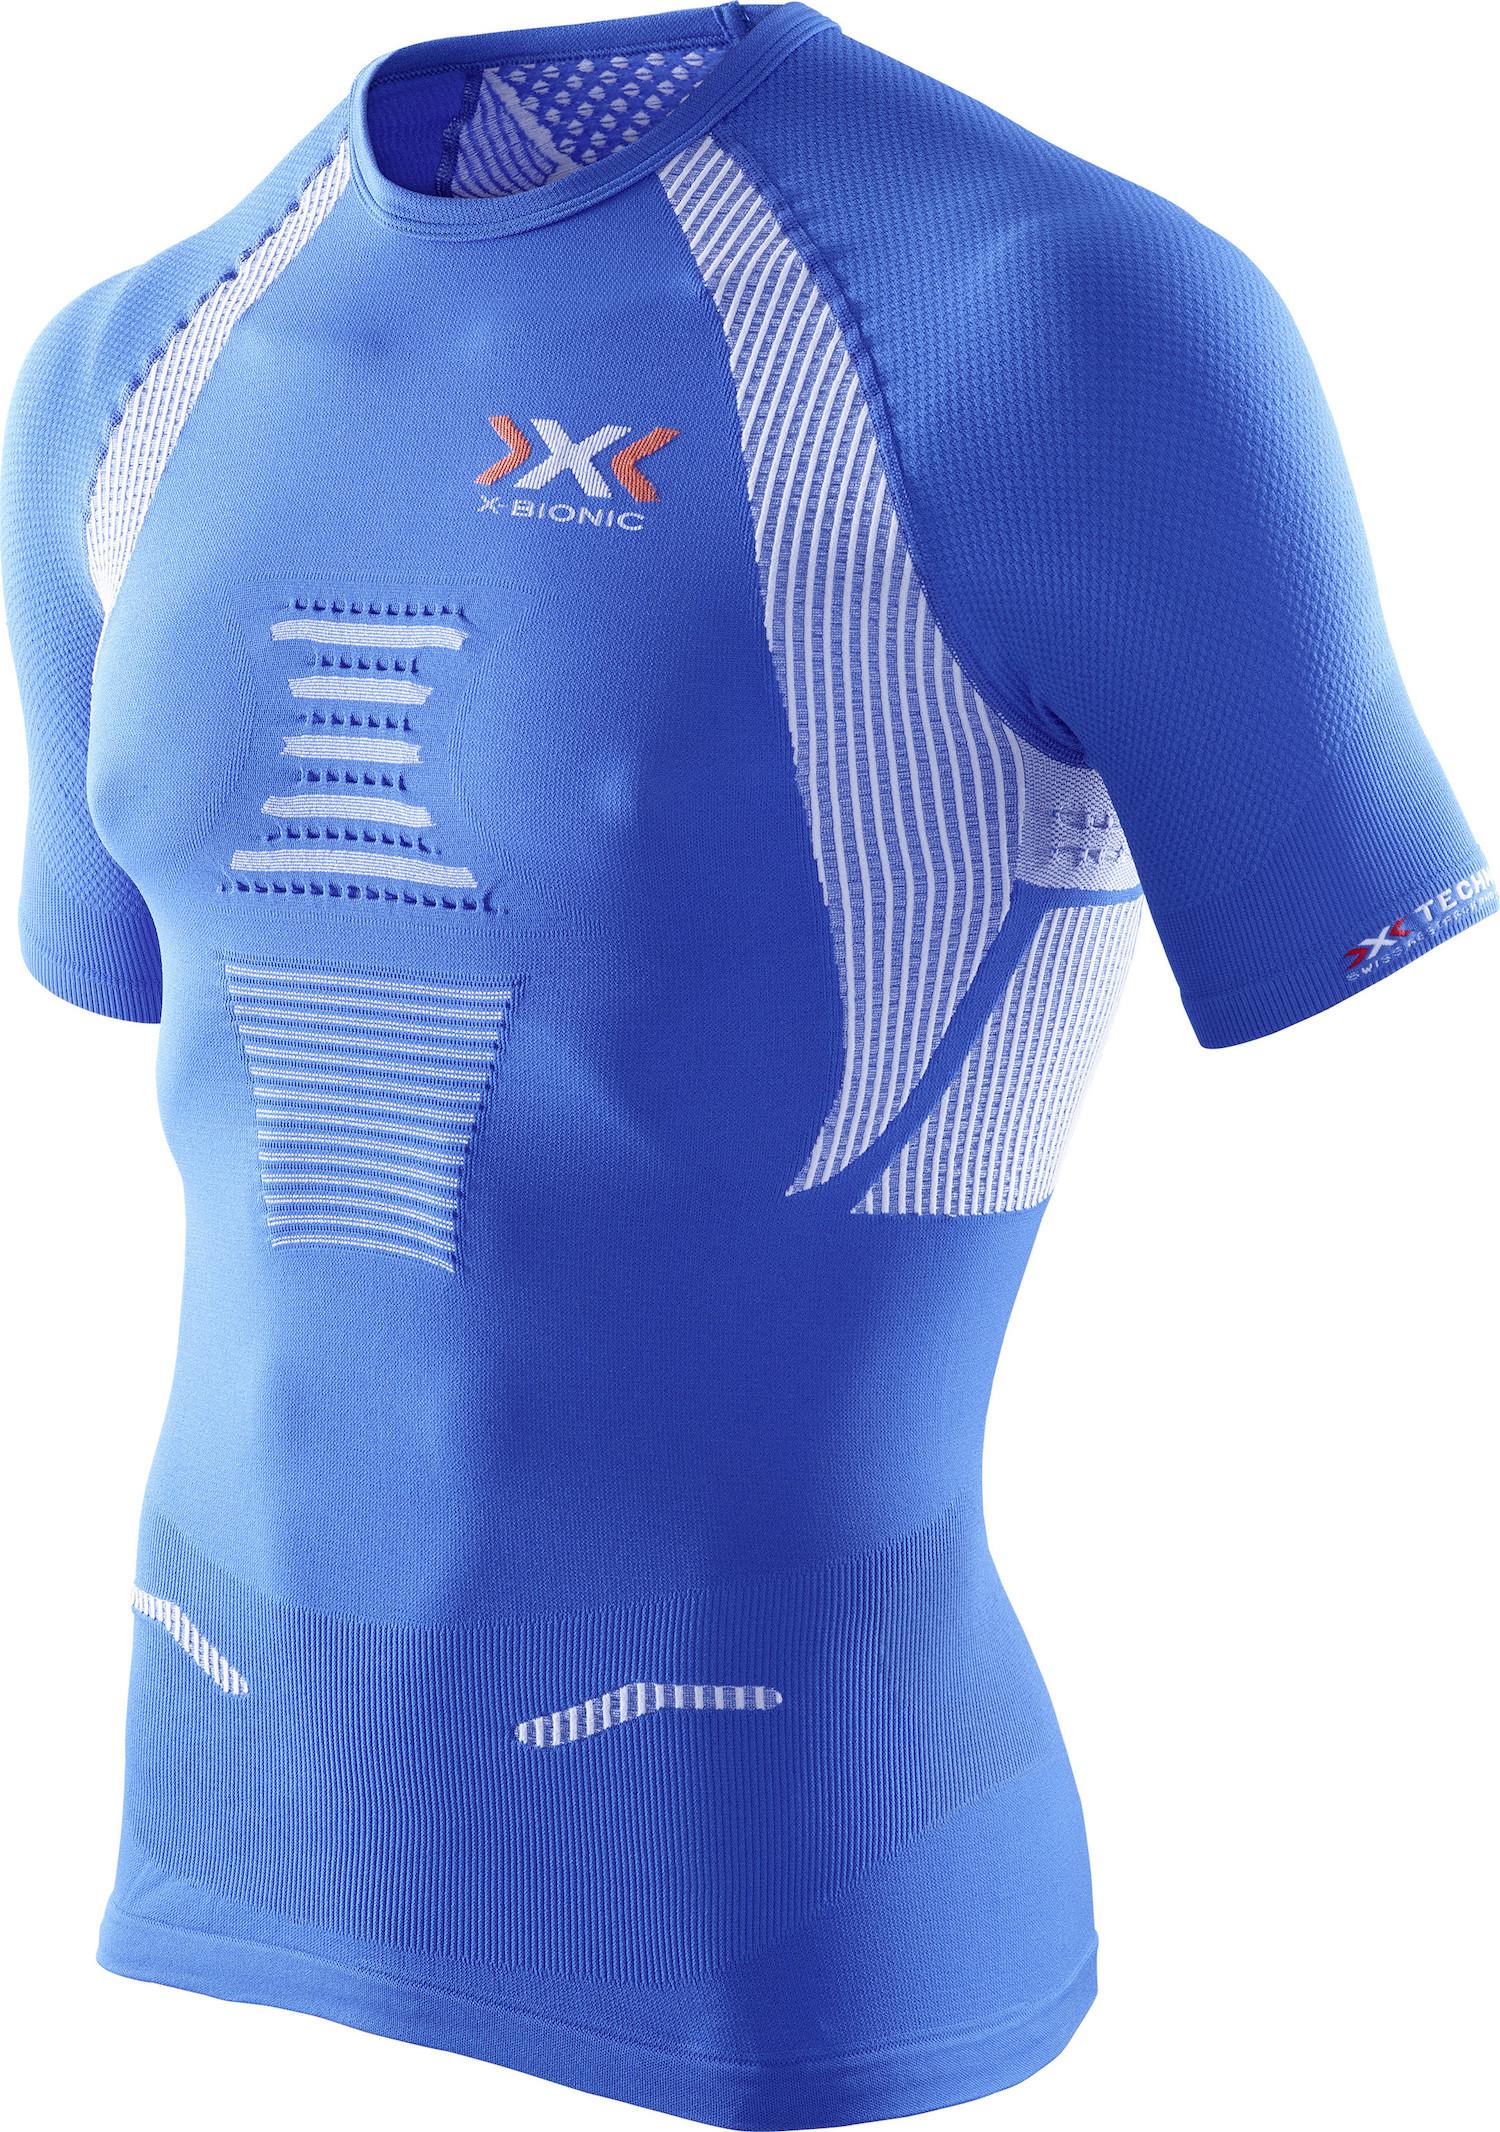 X-Bionic - The Trick - Camiseta - Hombre